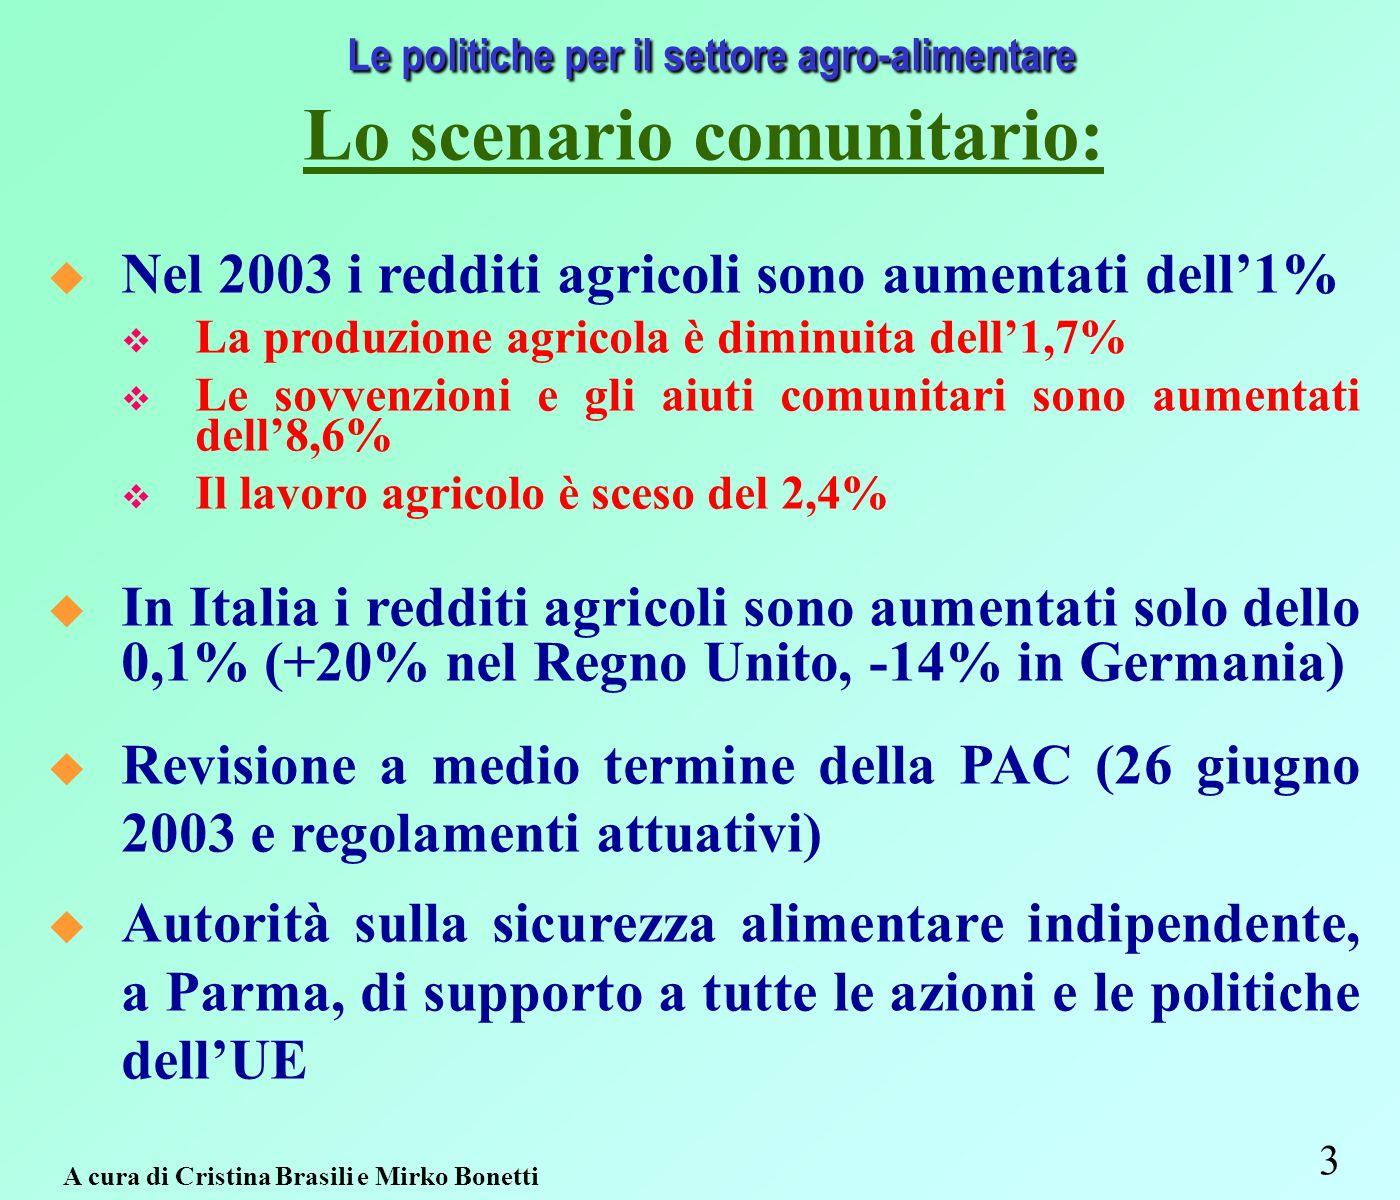 44 Interventi strutturali e di mercato Spesa della PAC e per il PRSR (2000 - 2003)* in Emilia-Romagna (000 di euro) *I dati al 2003 sono provvisori.